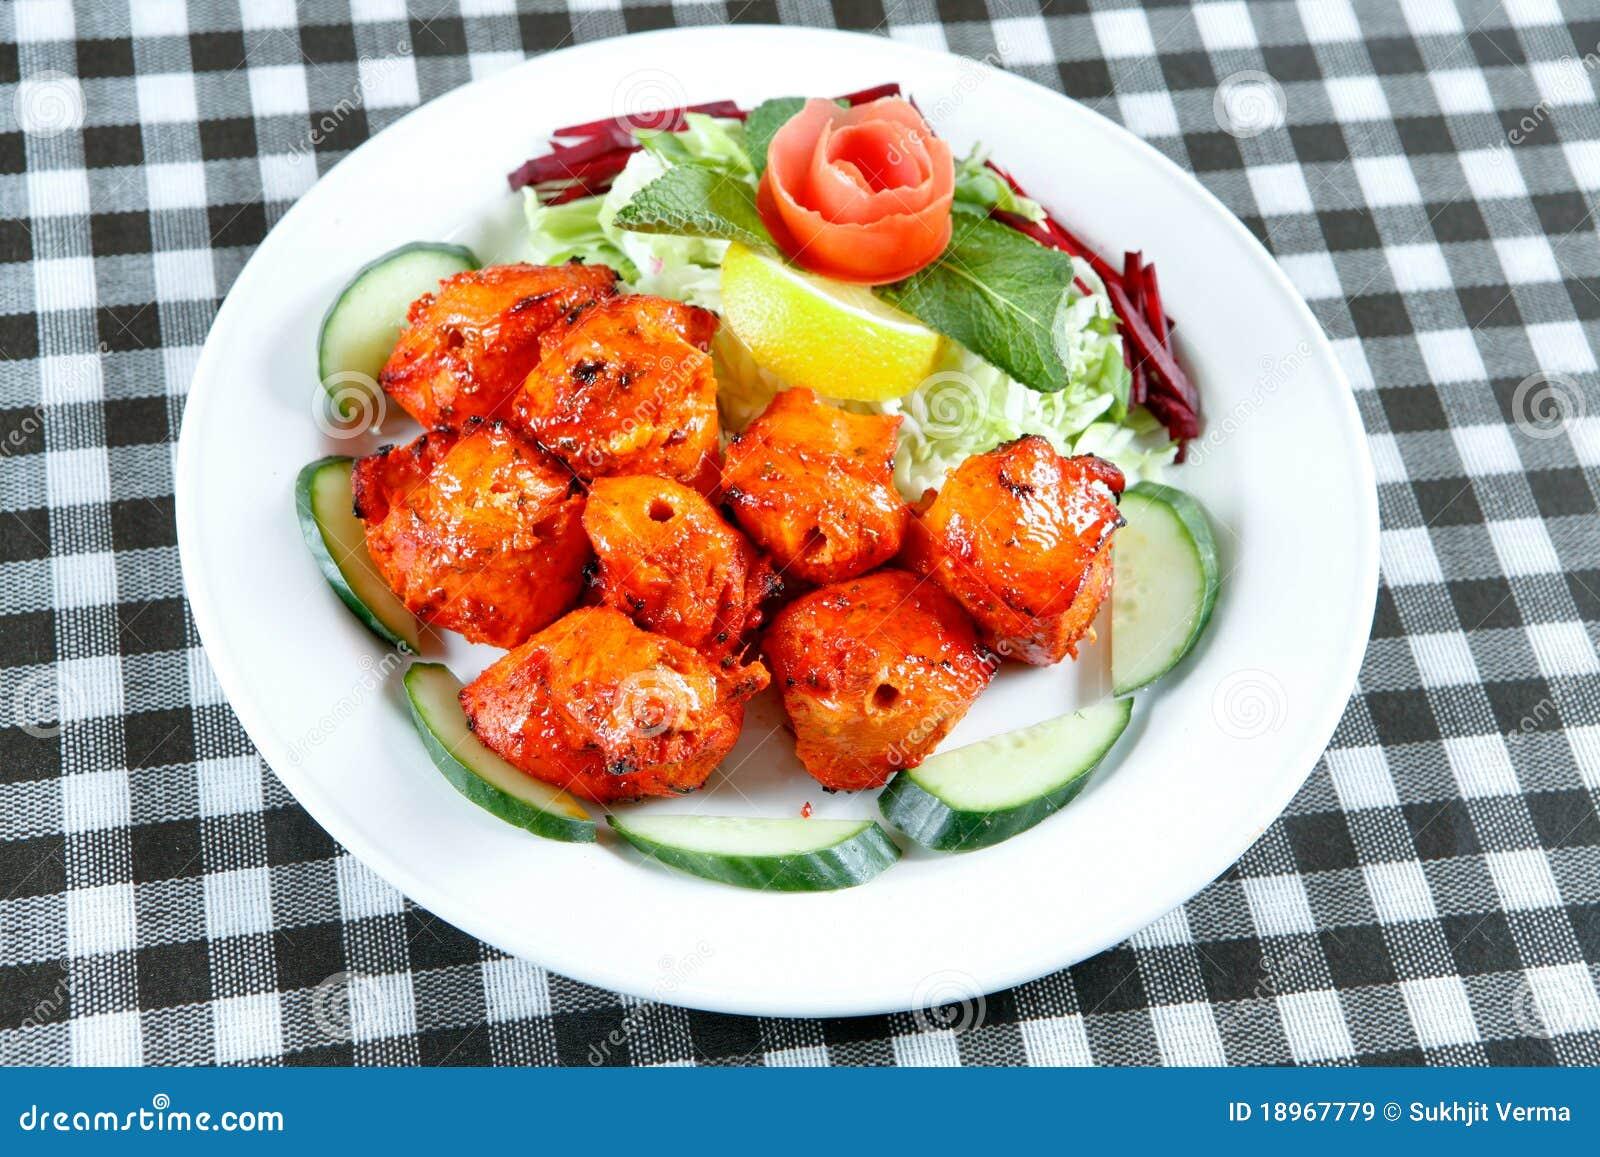 chicken-tikka-salad-18967779.jpg